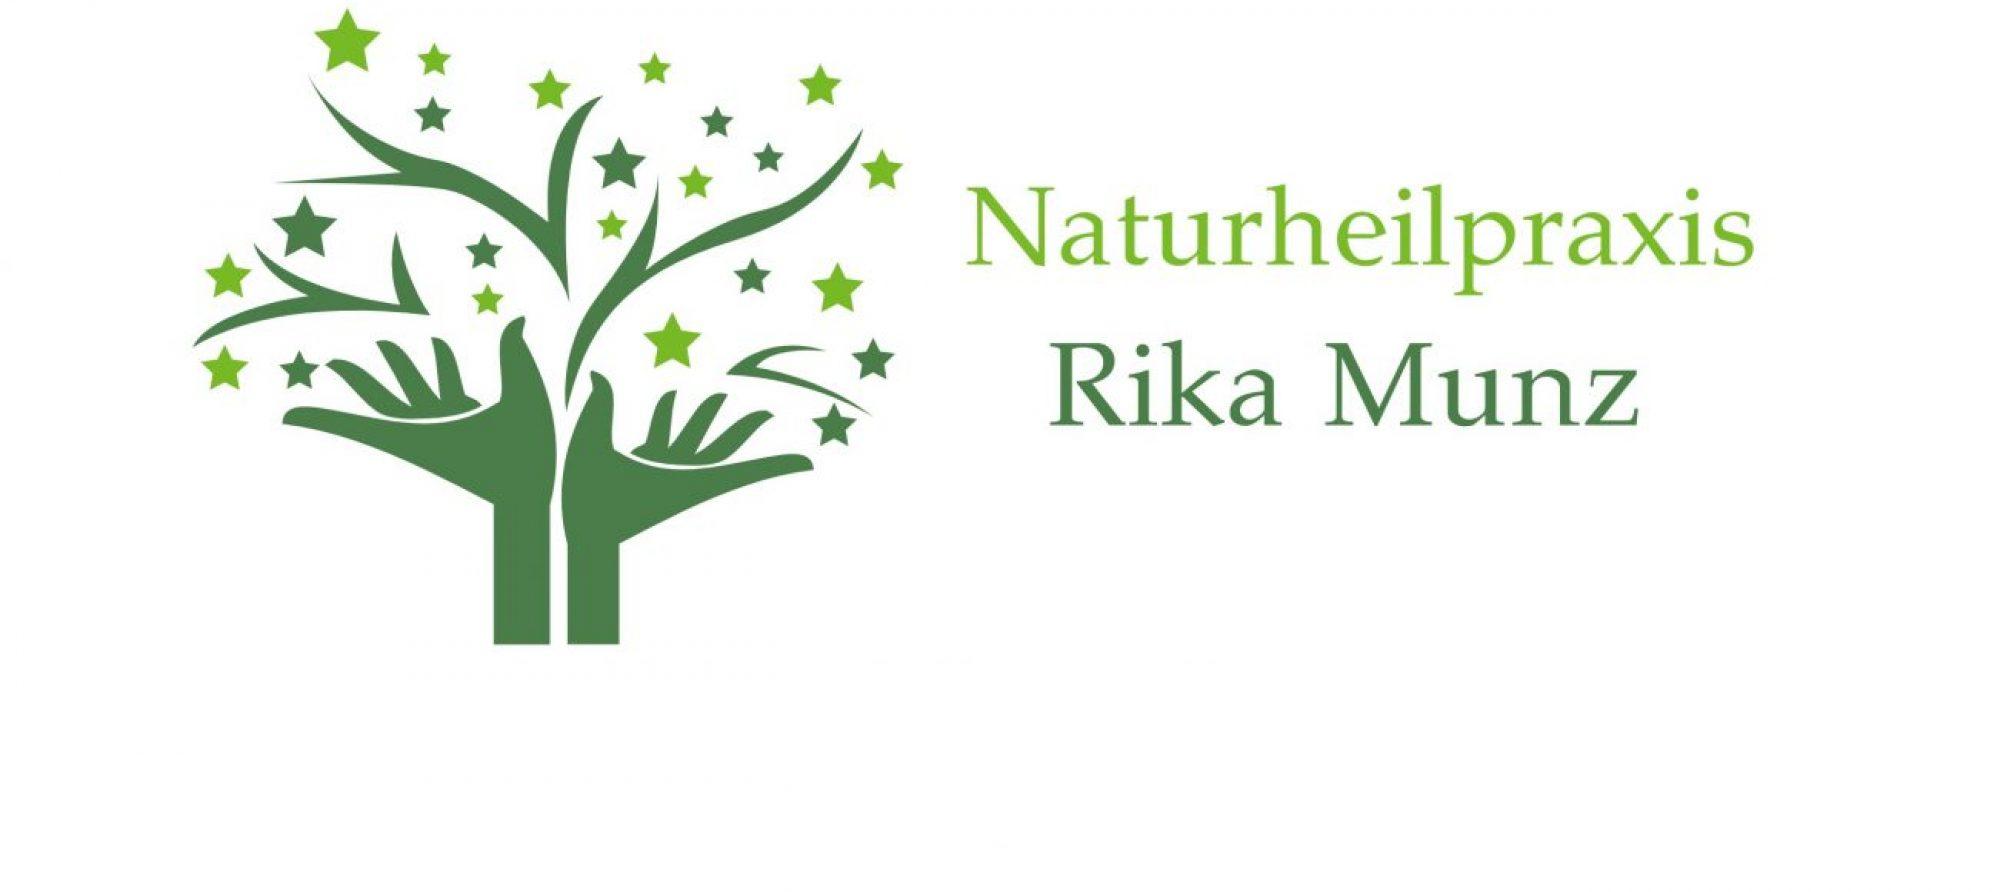 Naturheilpraxis -  Rika Munz